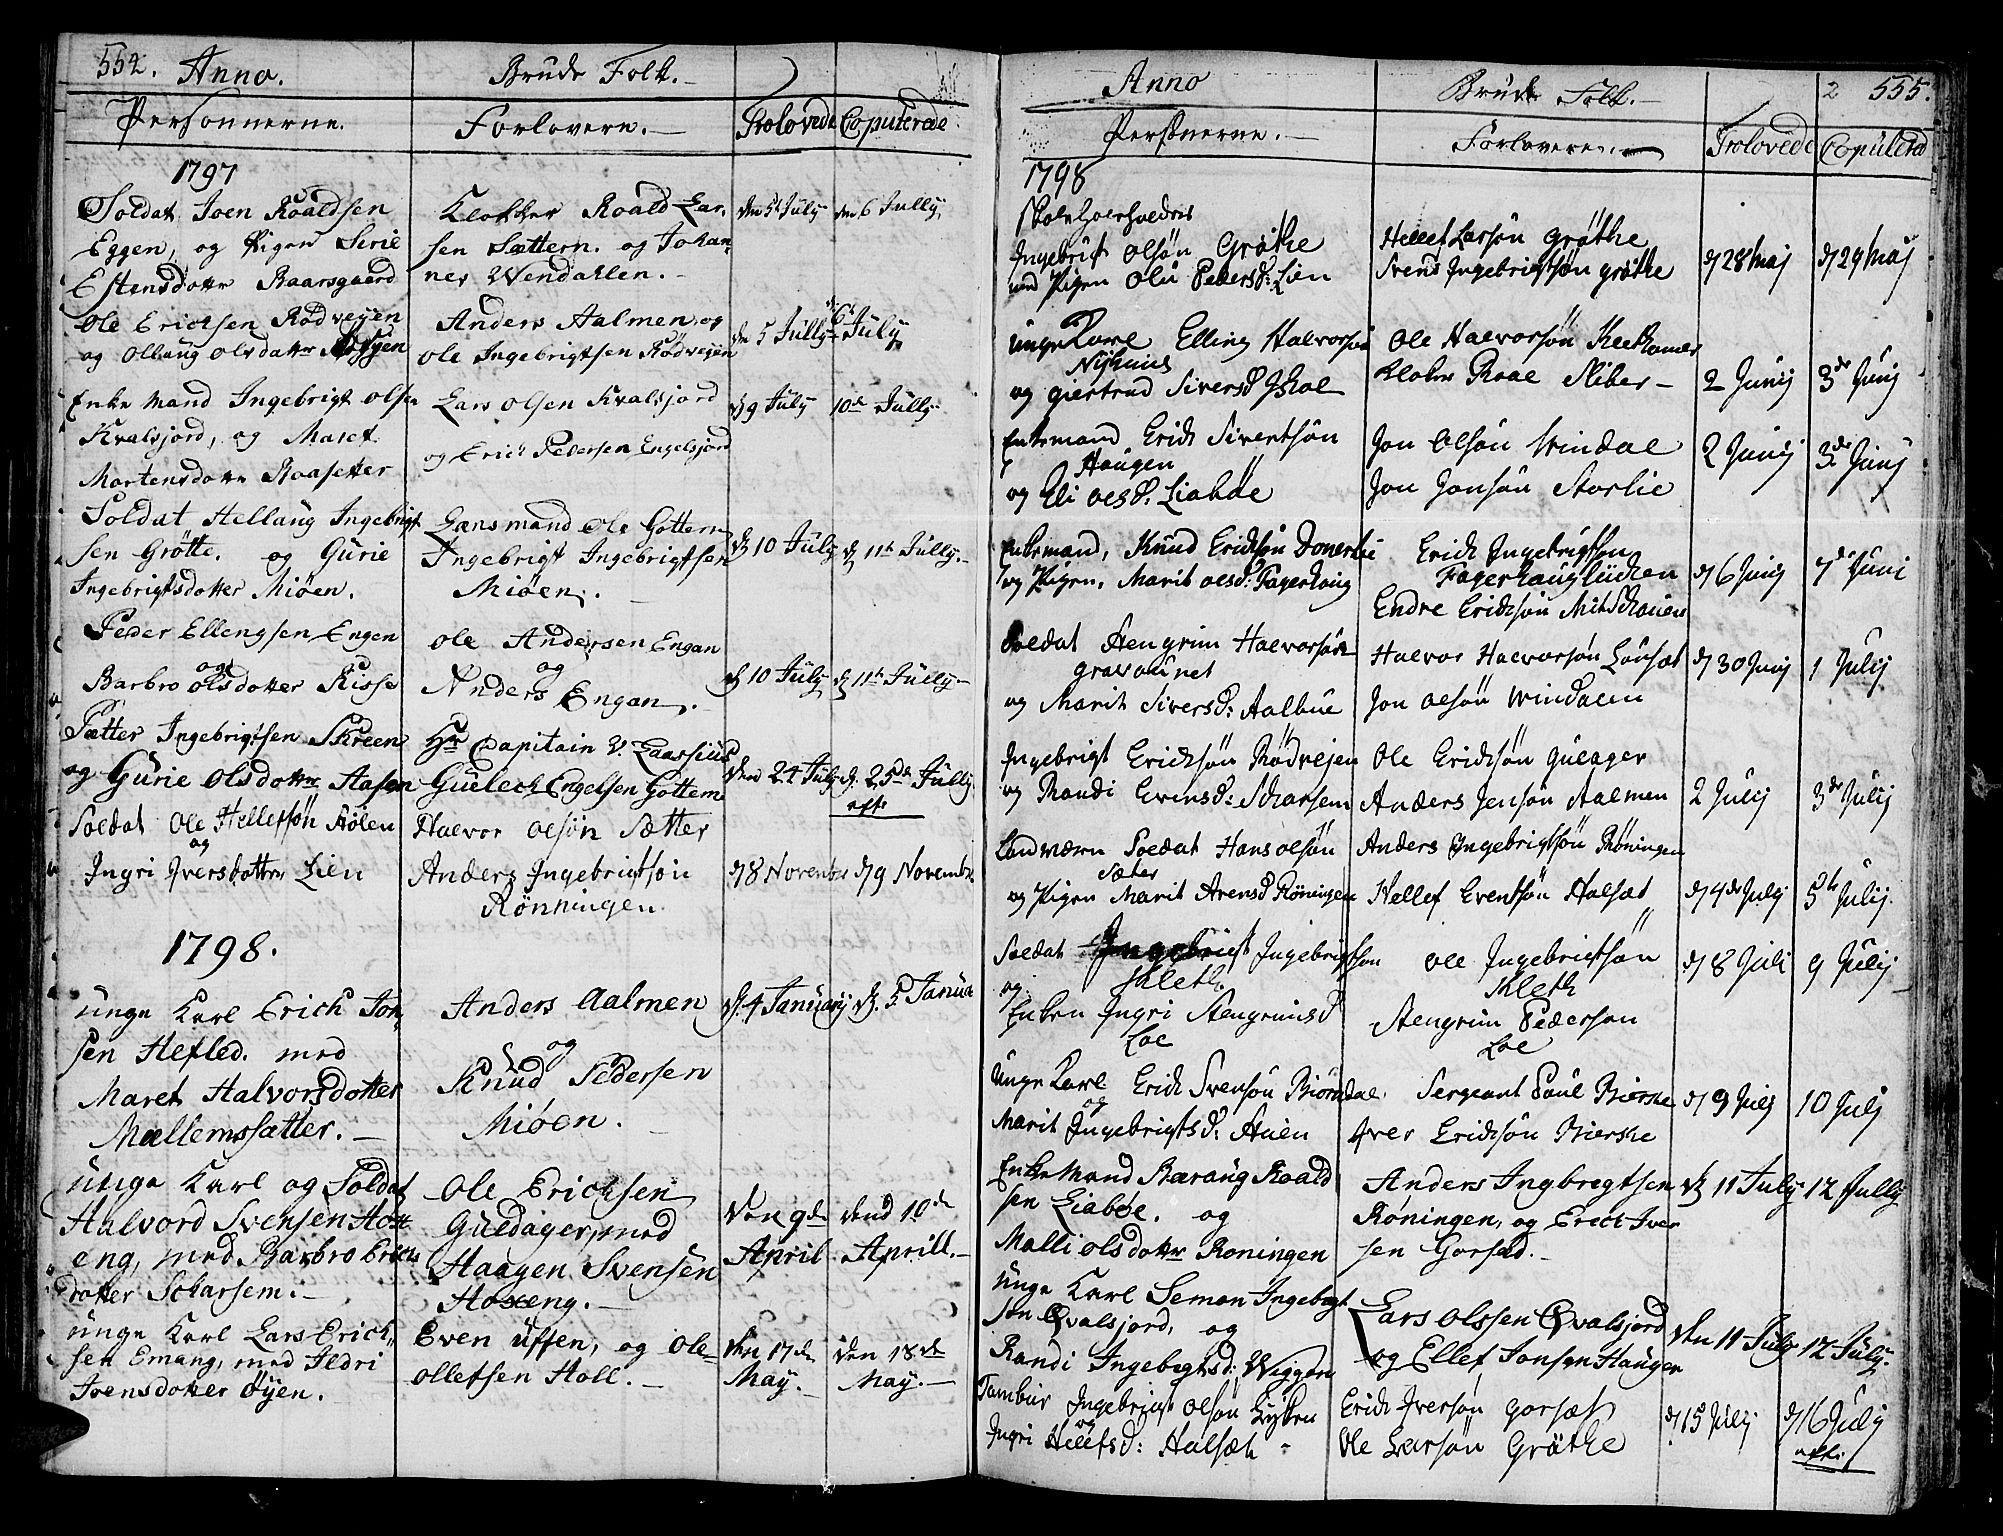 SAT, Ministerialprotokoller, klokkerbøker og fødselsregistre - Sør-Trøndelag, 678/L0893: Ministerialbok nr. 678A03, 1792-1805, s. 554-555